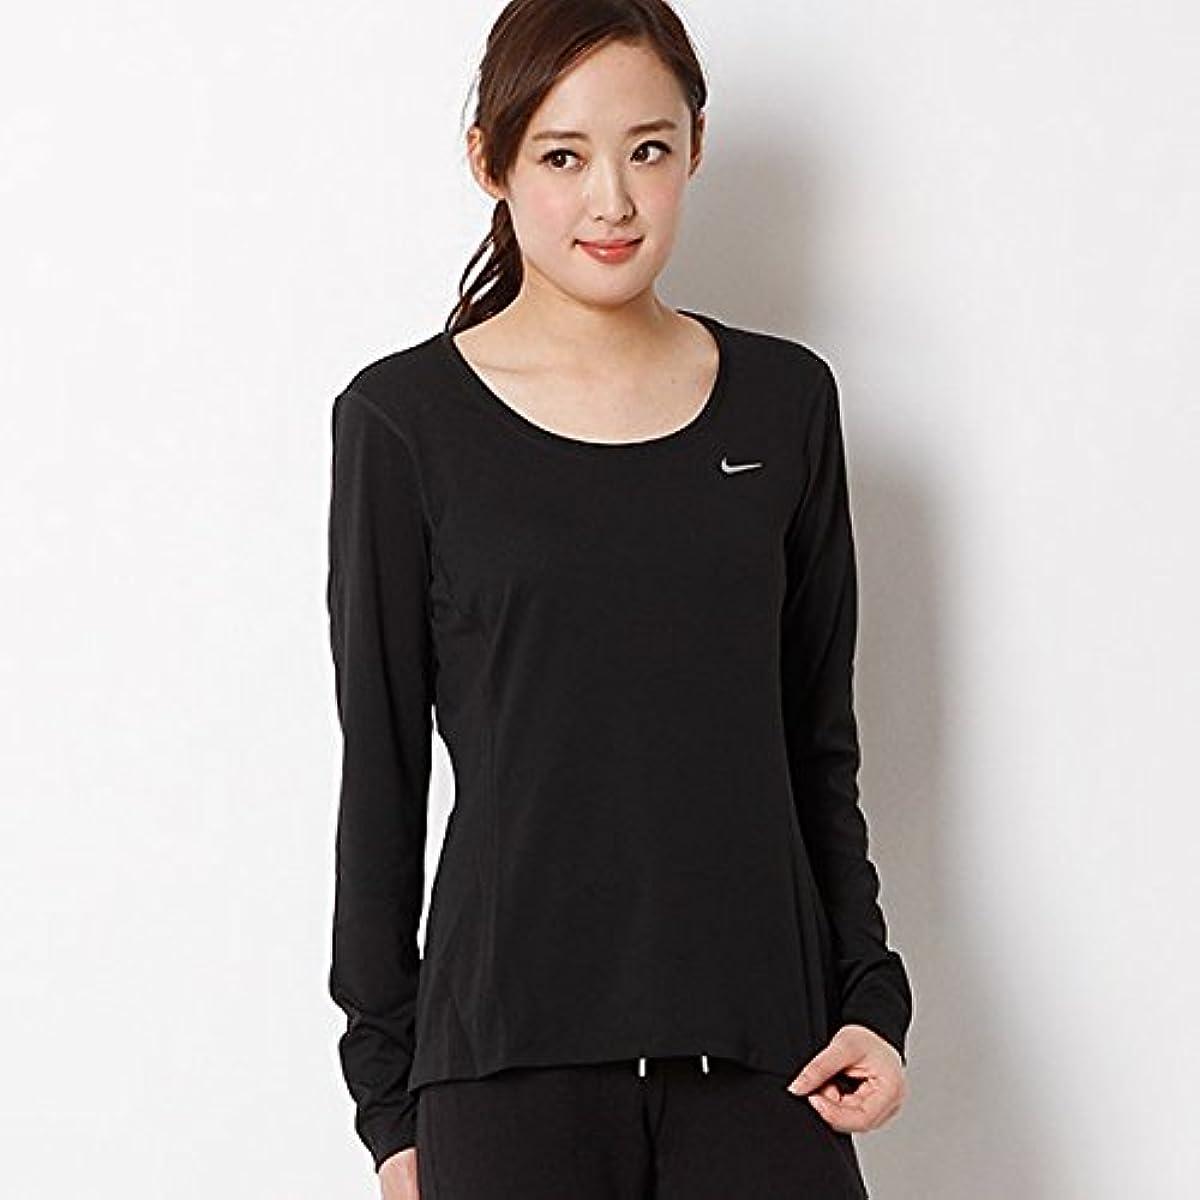 [해외] 나이키(nike 나이키) 【NIKE/나이키】T셔츠(나이키 women's DRI-FIT contour― L/S 톱)